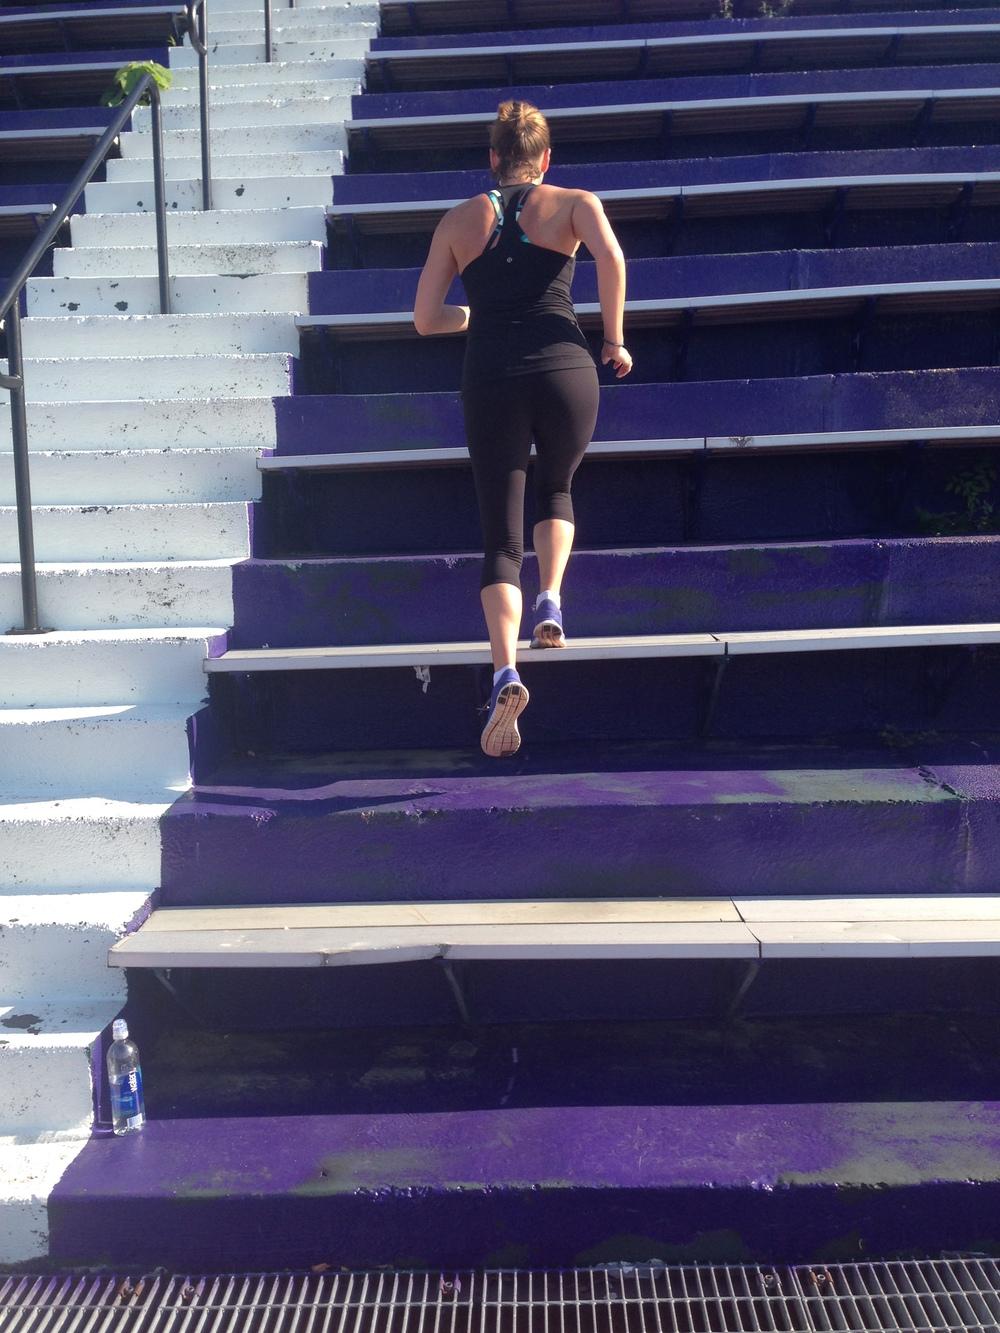 stairs-running2.jpg